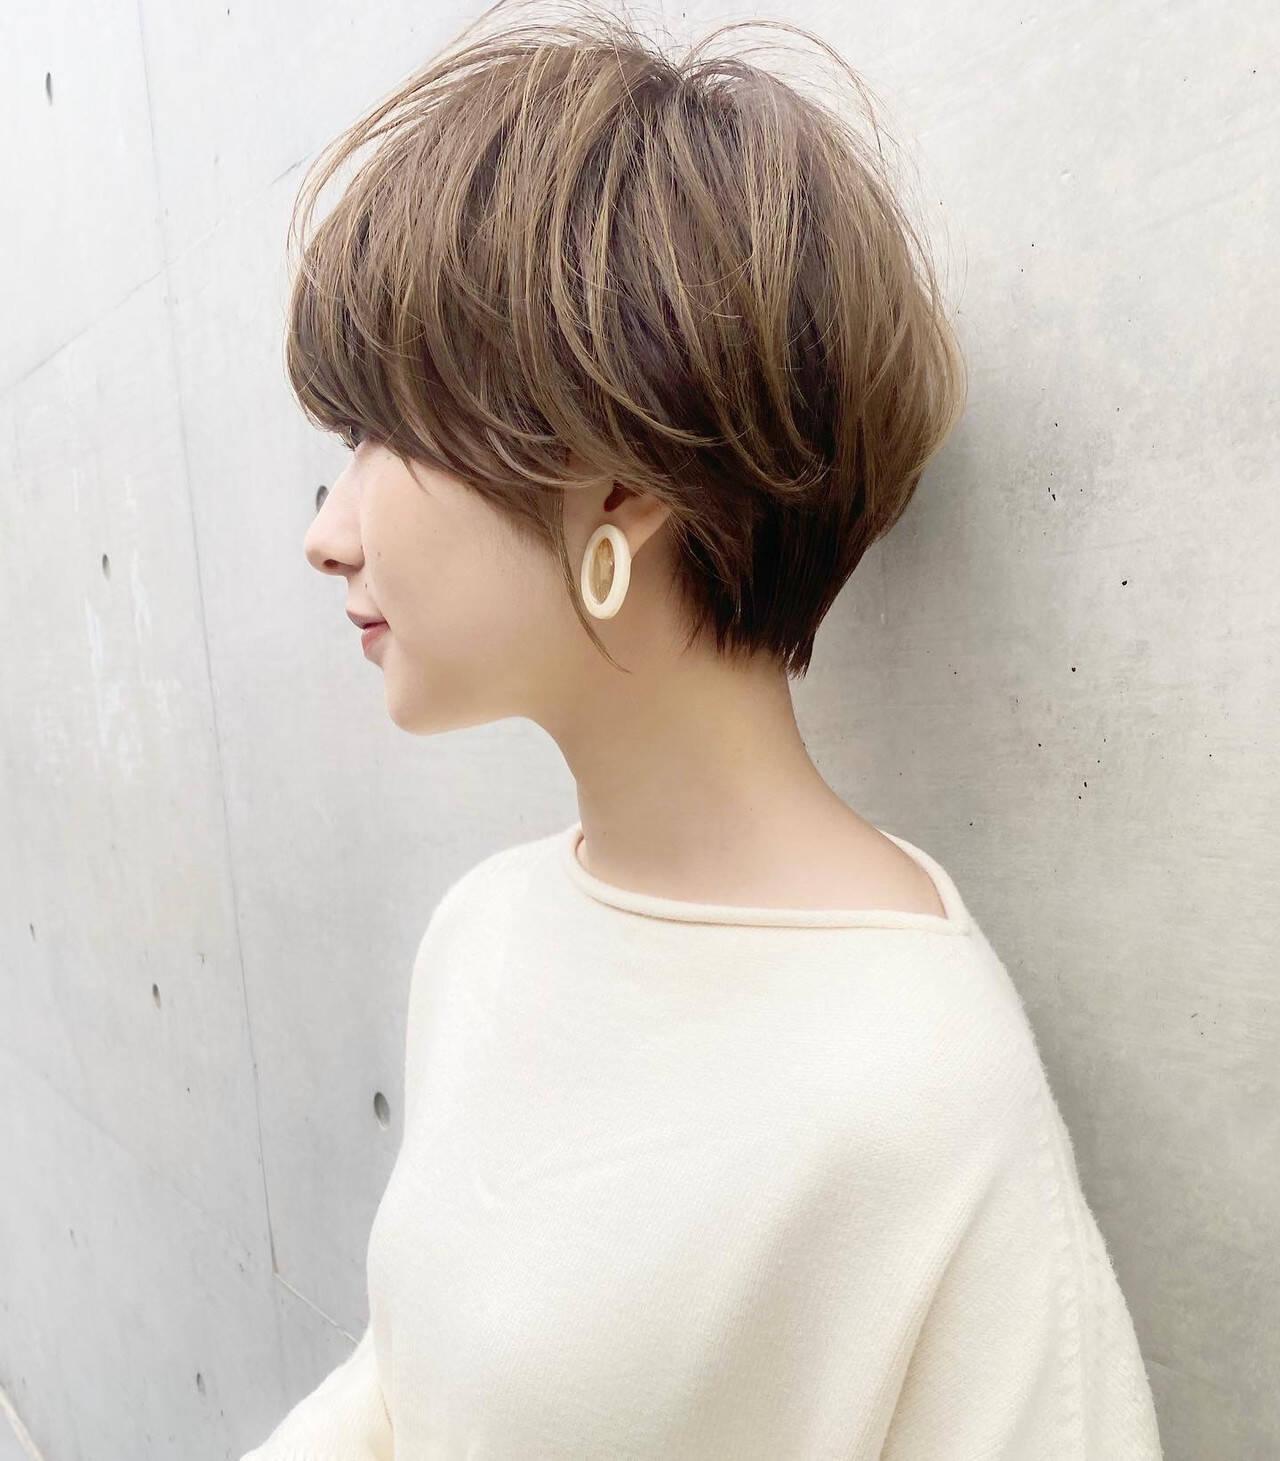 ひし形シルエット ショート 大人可愛い ショートヘアヘアスタイルや髪型の写真・画像